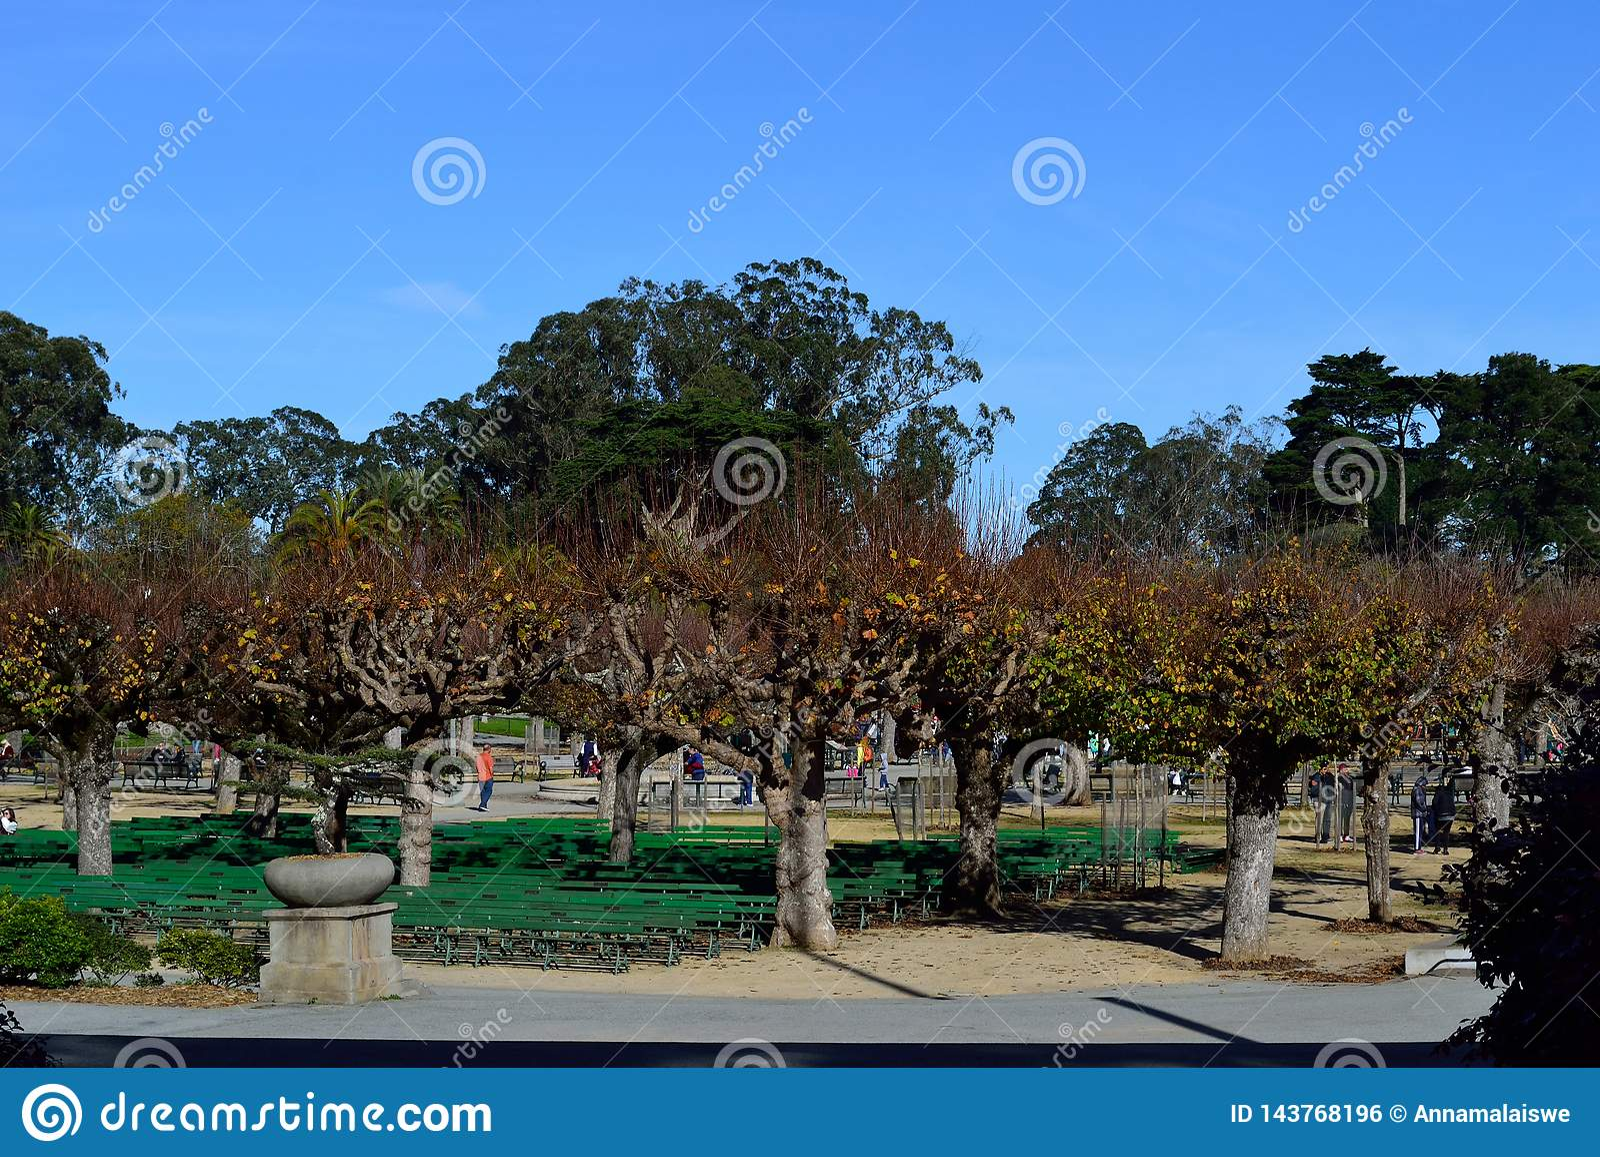 Entrada del parque del jardín botánico de San Francisco